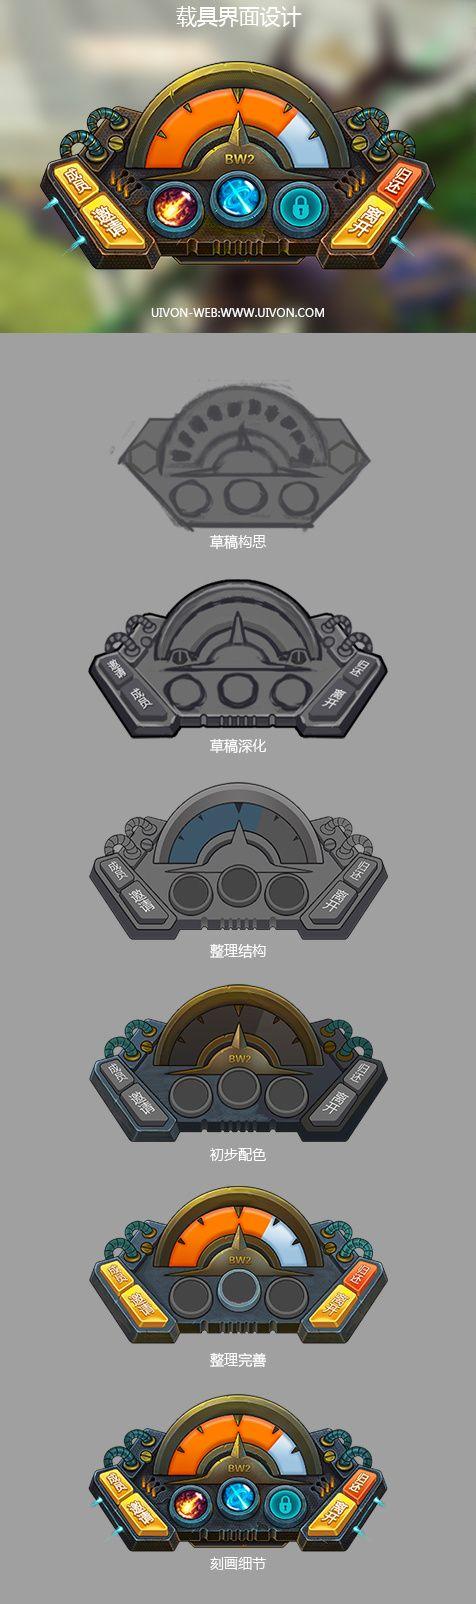 载具UI设计 |GAMEUI- 游戏设计...